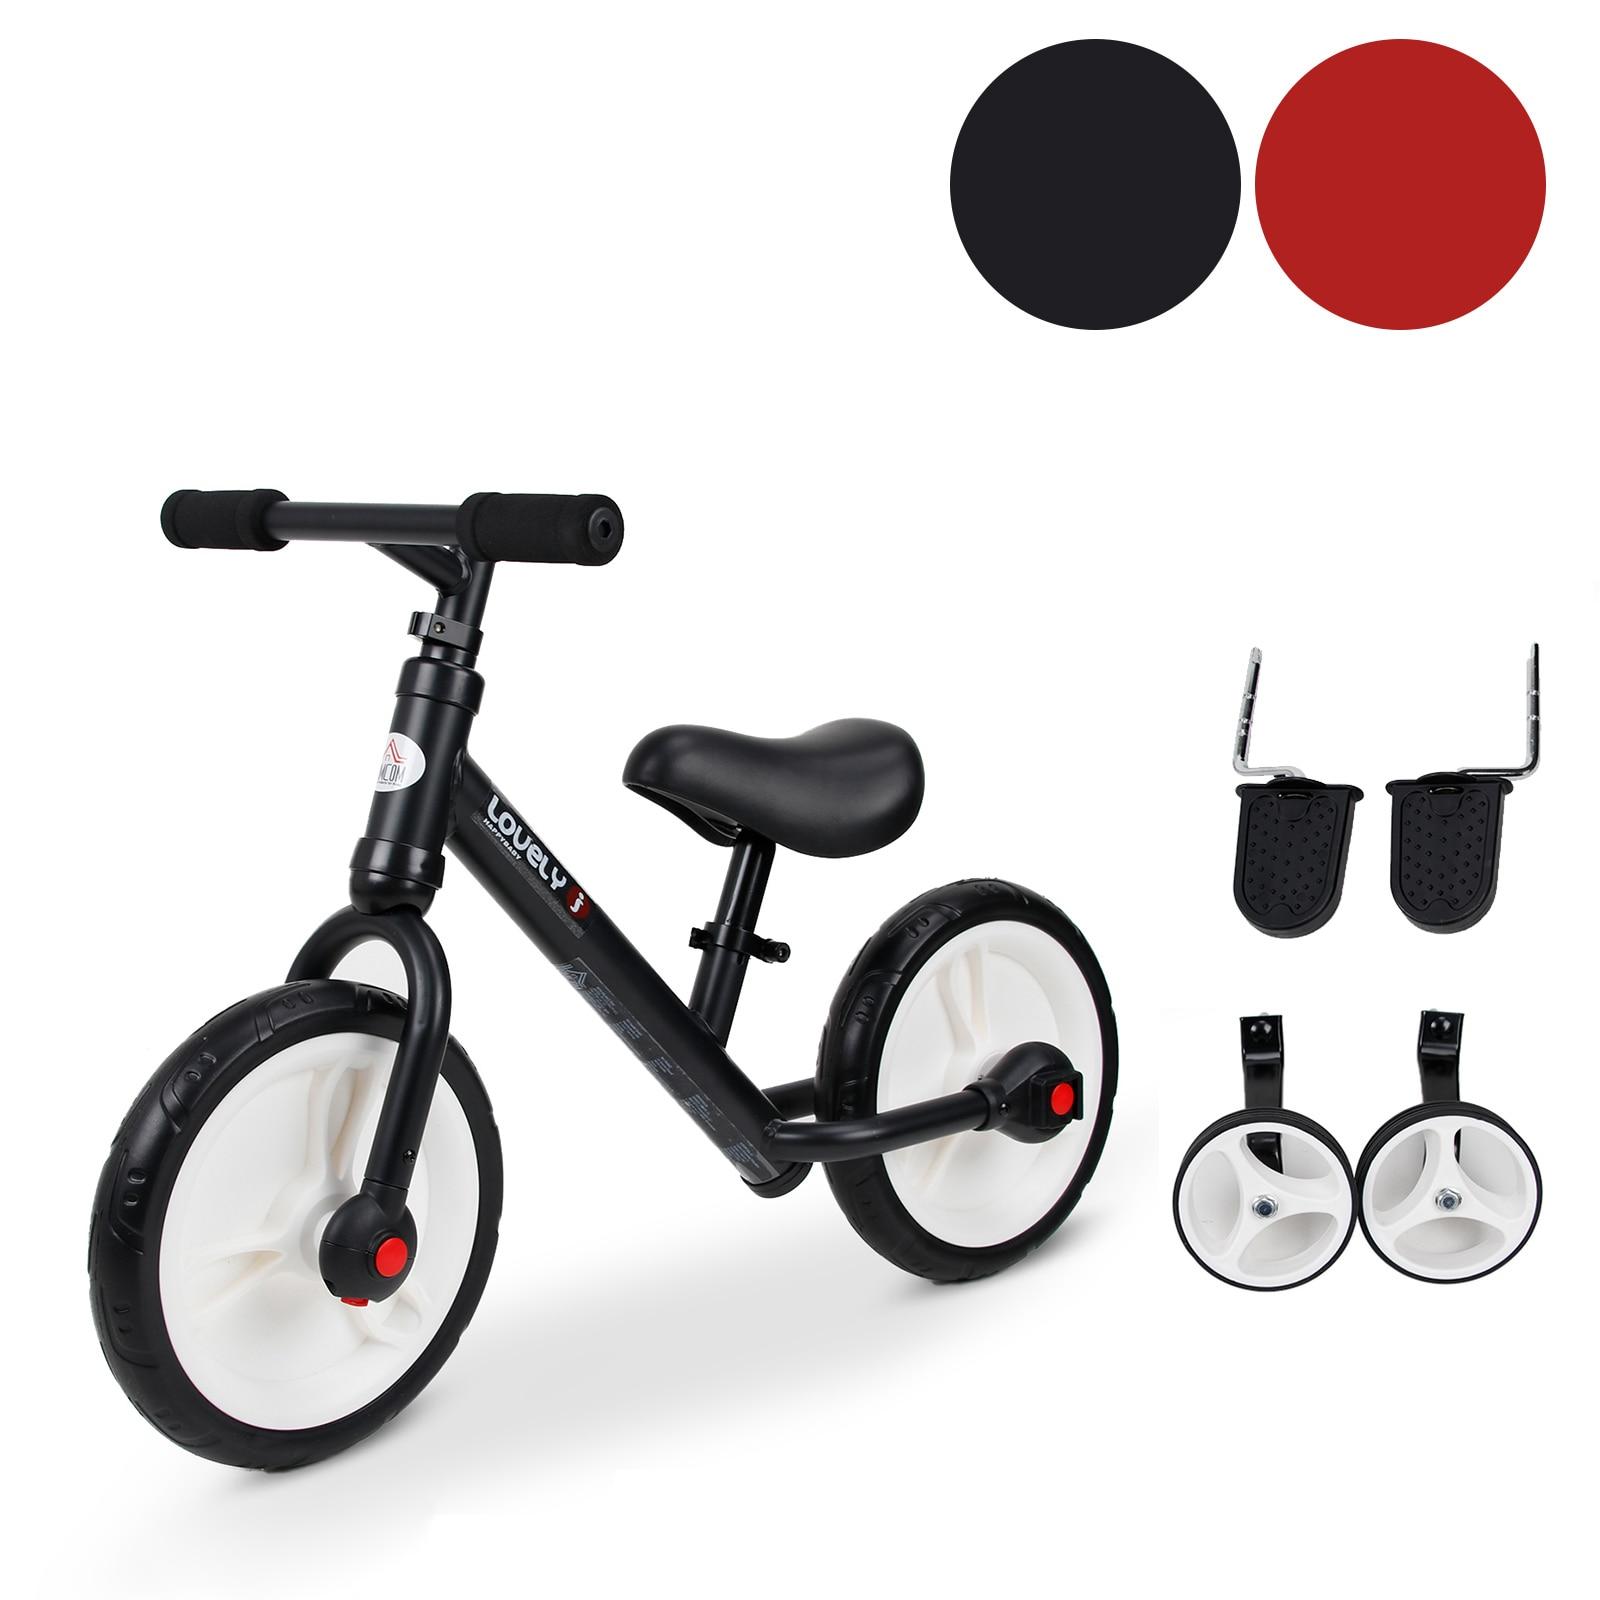 HOMCOM Bicicleta de Equilibrio con Pedales y Ruedas Entrenamiento Extraíbles Altura Regulable 33 38cm Niños 2 5 Años|Coches para montarse| - AliExpress